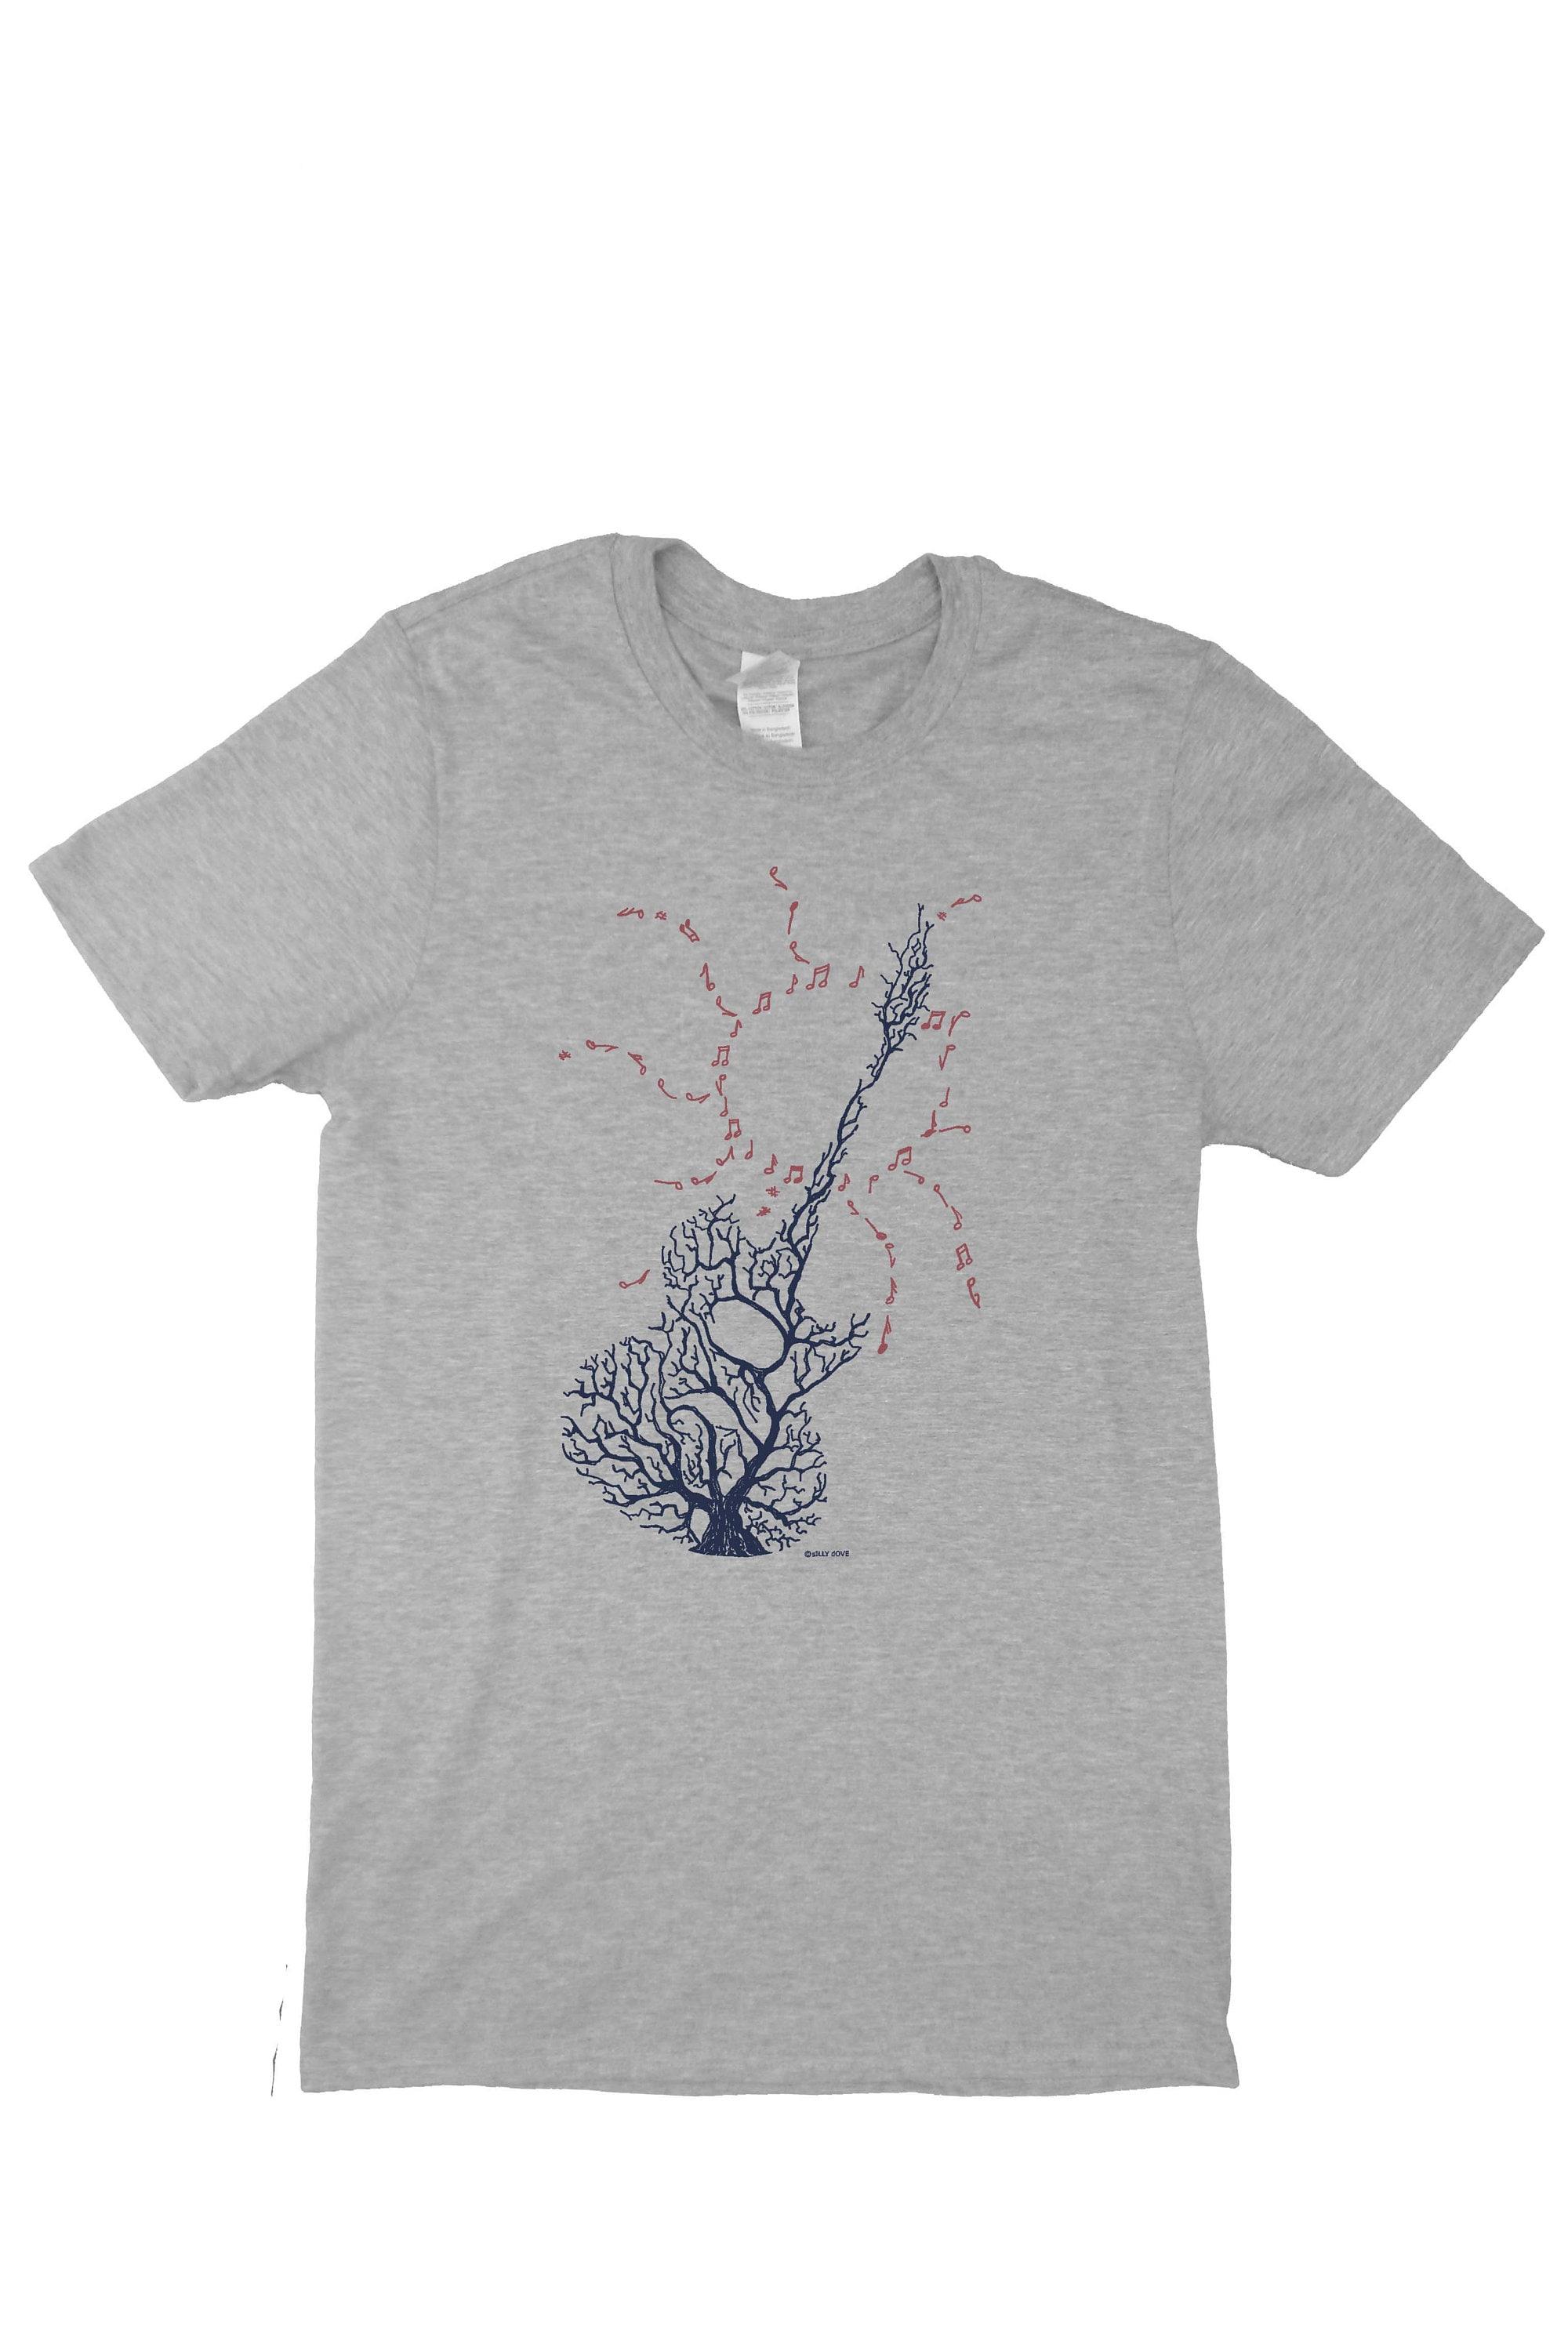 Musique guitare t-shirt, conception de guitare, la à la guitare, main dessiné, unisexe tee. bccf3c